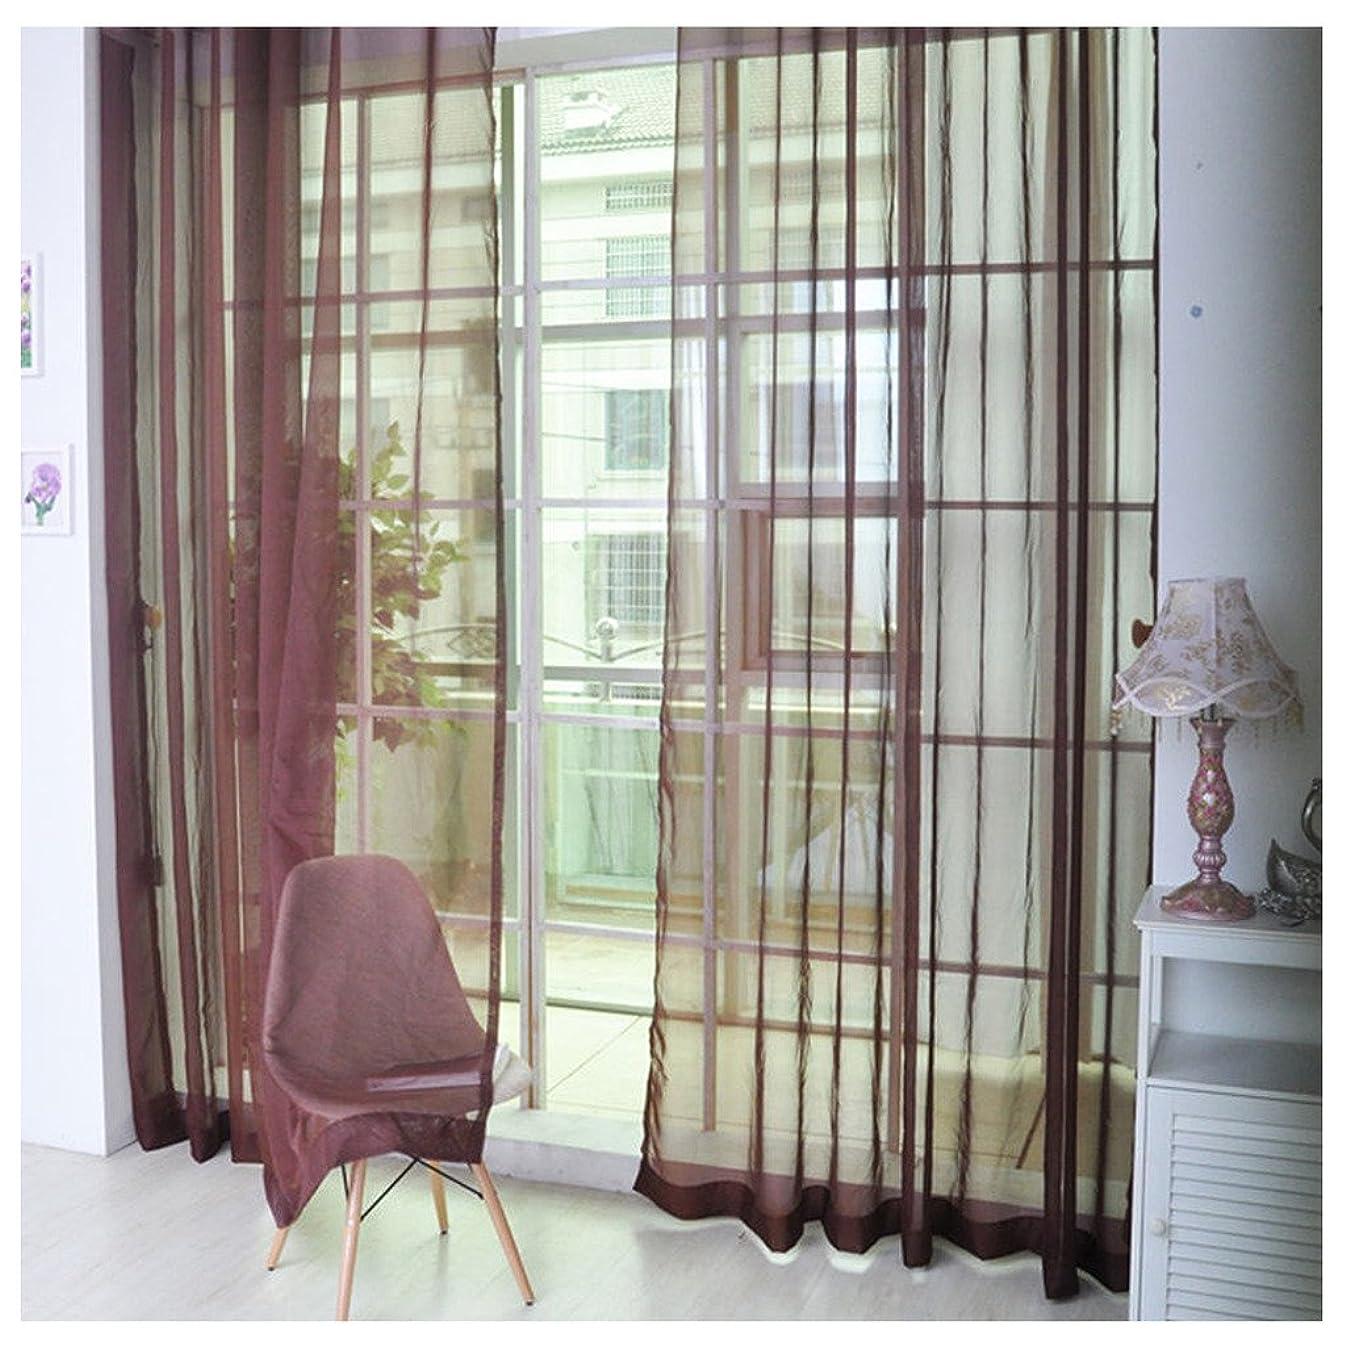 伝導率ほめるバルコニーHioffer(ハイオフア)薄手 カーテン 装飾 ボイルカーテン 洗濯可能 UVカット 窓 部屋 自然の風を通し 薄い カーテン 明るく ドレープ パネル ウォッシャブル ドアカーテン チュール 1枚 全11色 幅100cm丈200cm ブラウン